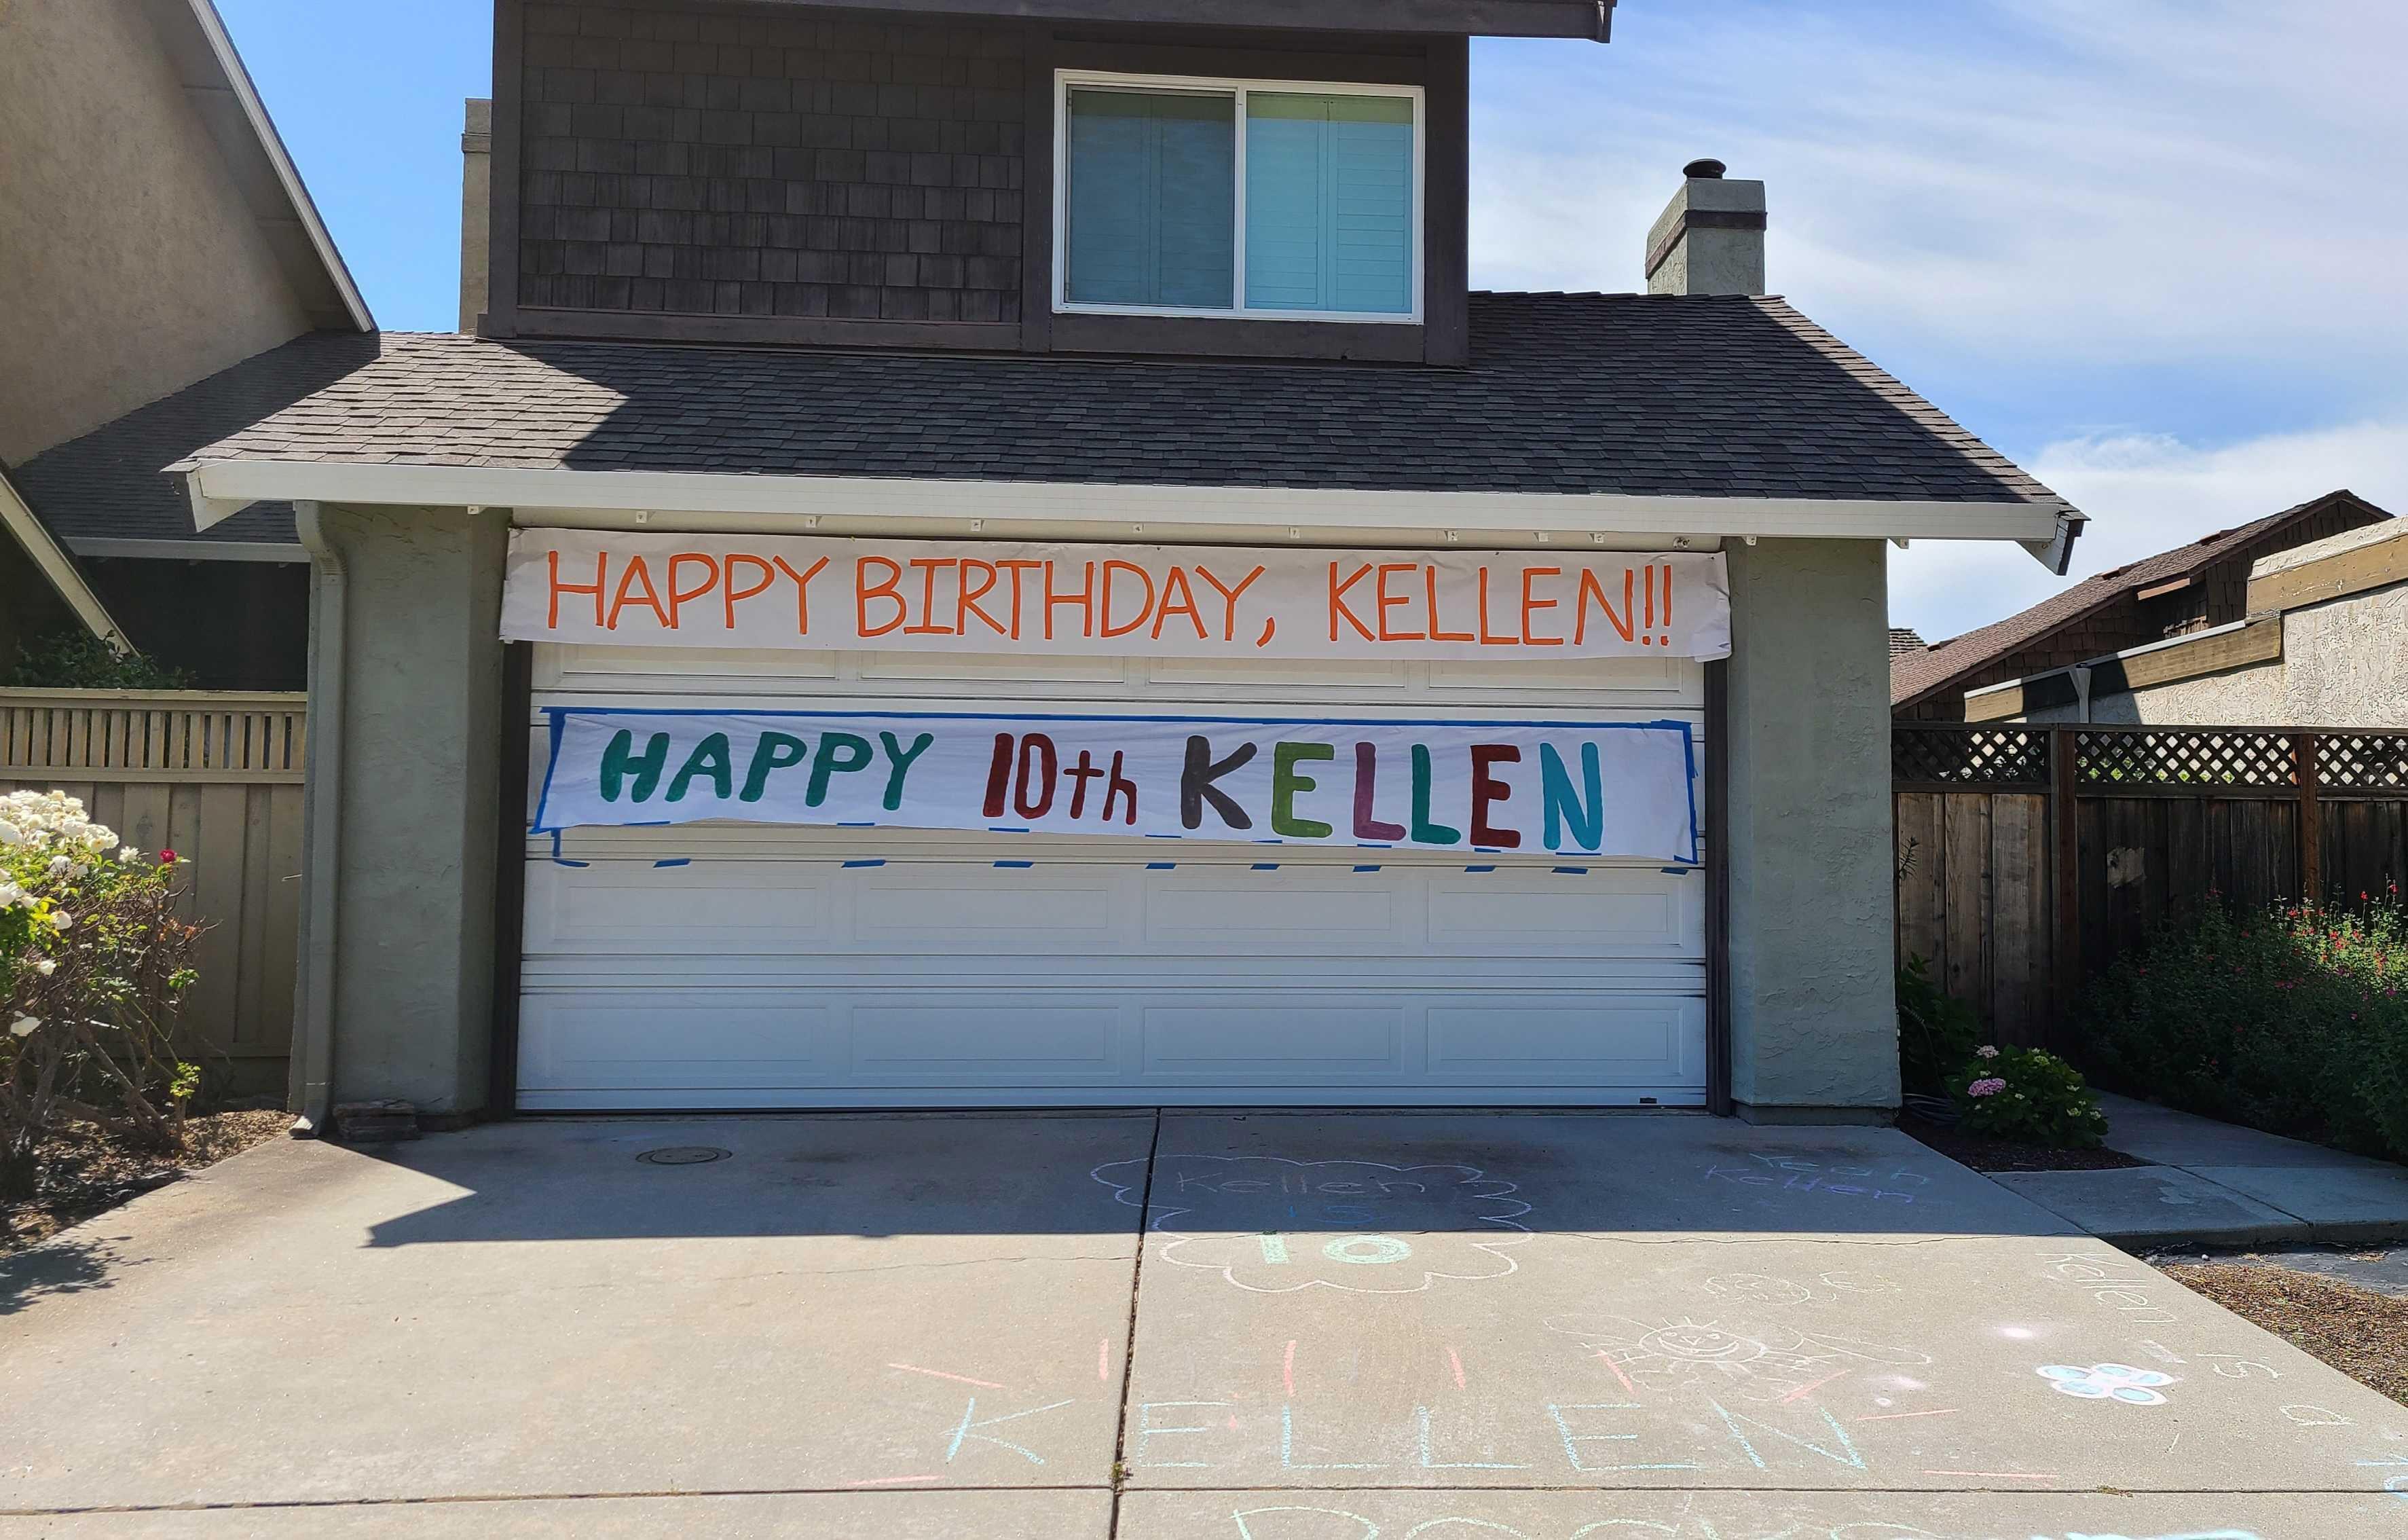 happy-birthday-kellen-sign-coronavirus